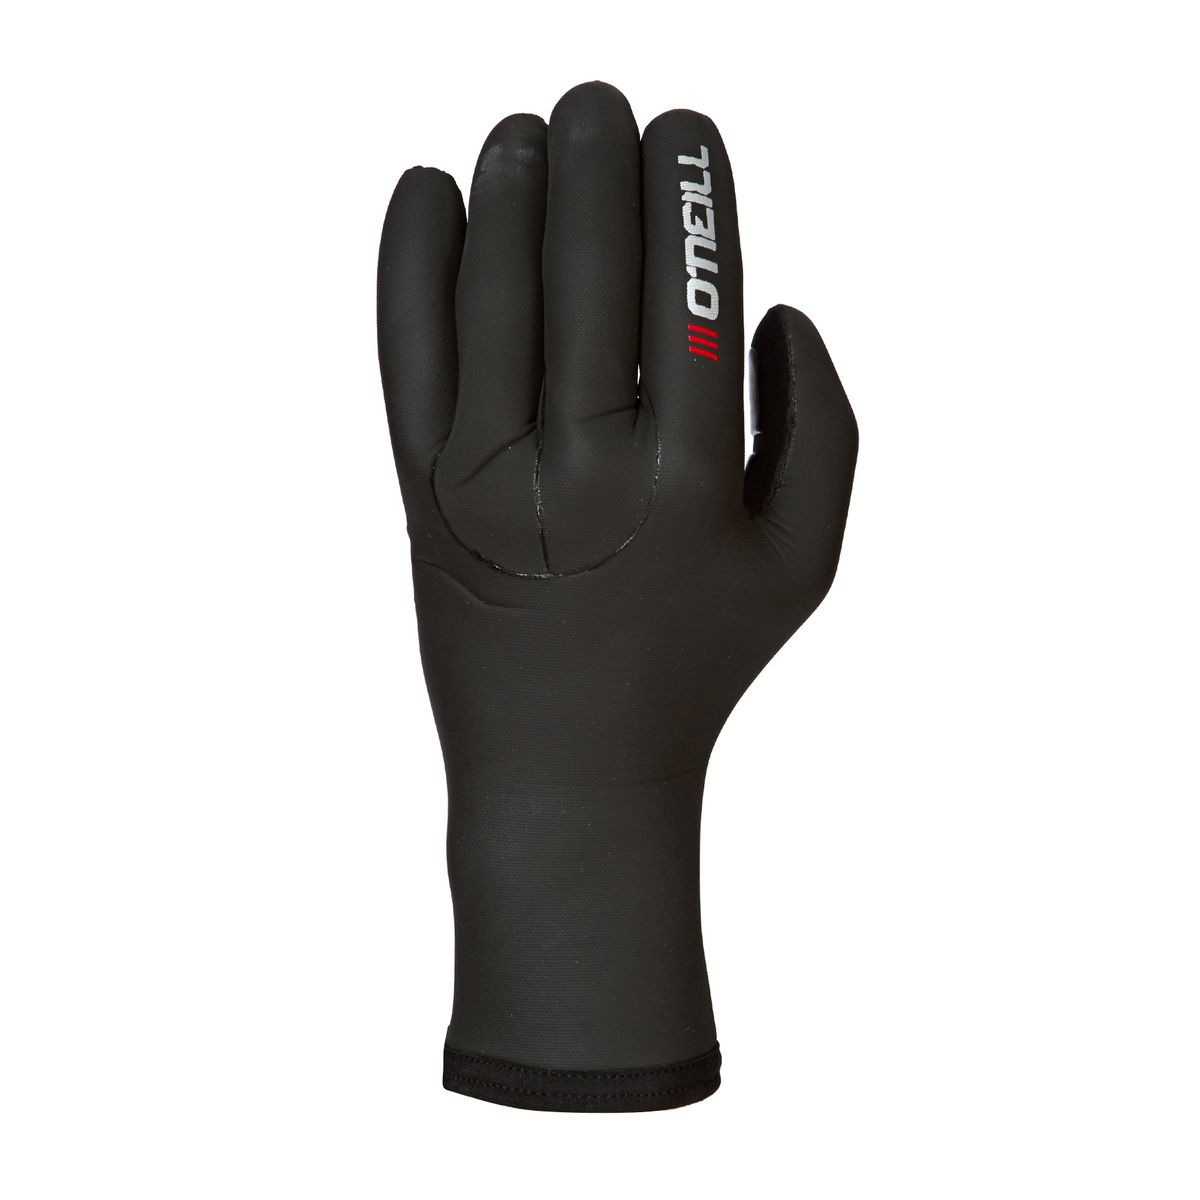 O'Neill SLX 3mm 5 Finger Wetsuit Gloves - Black